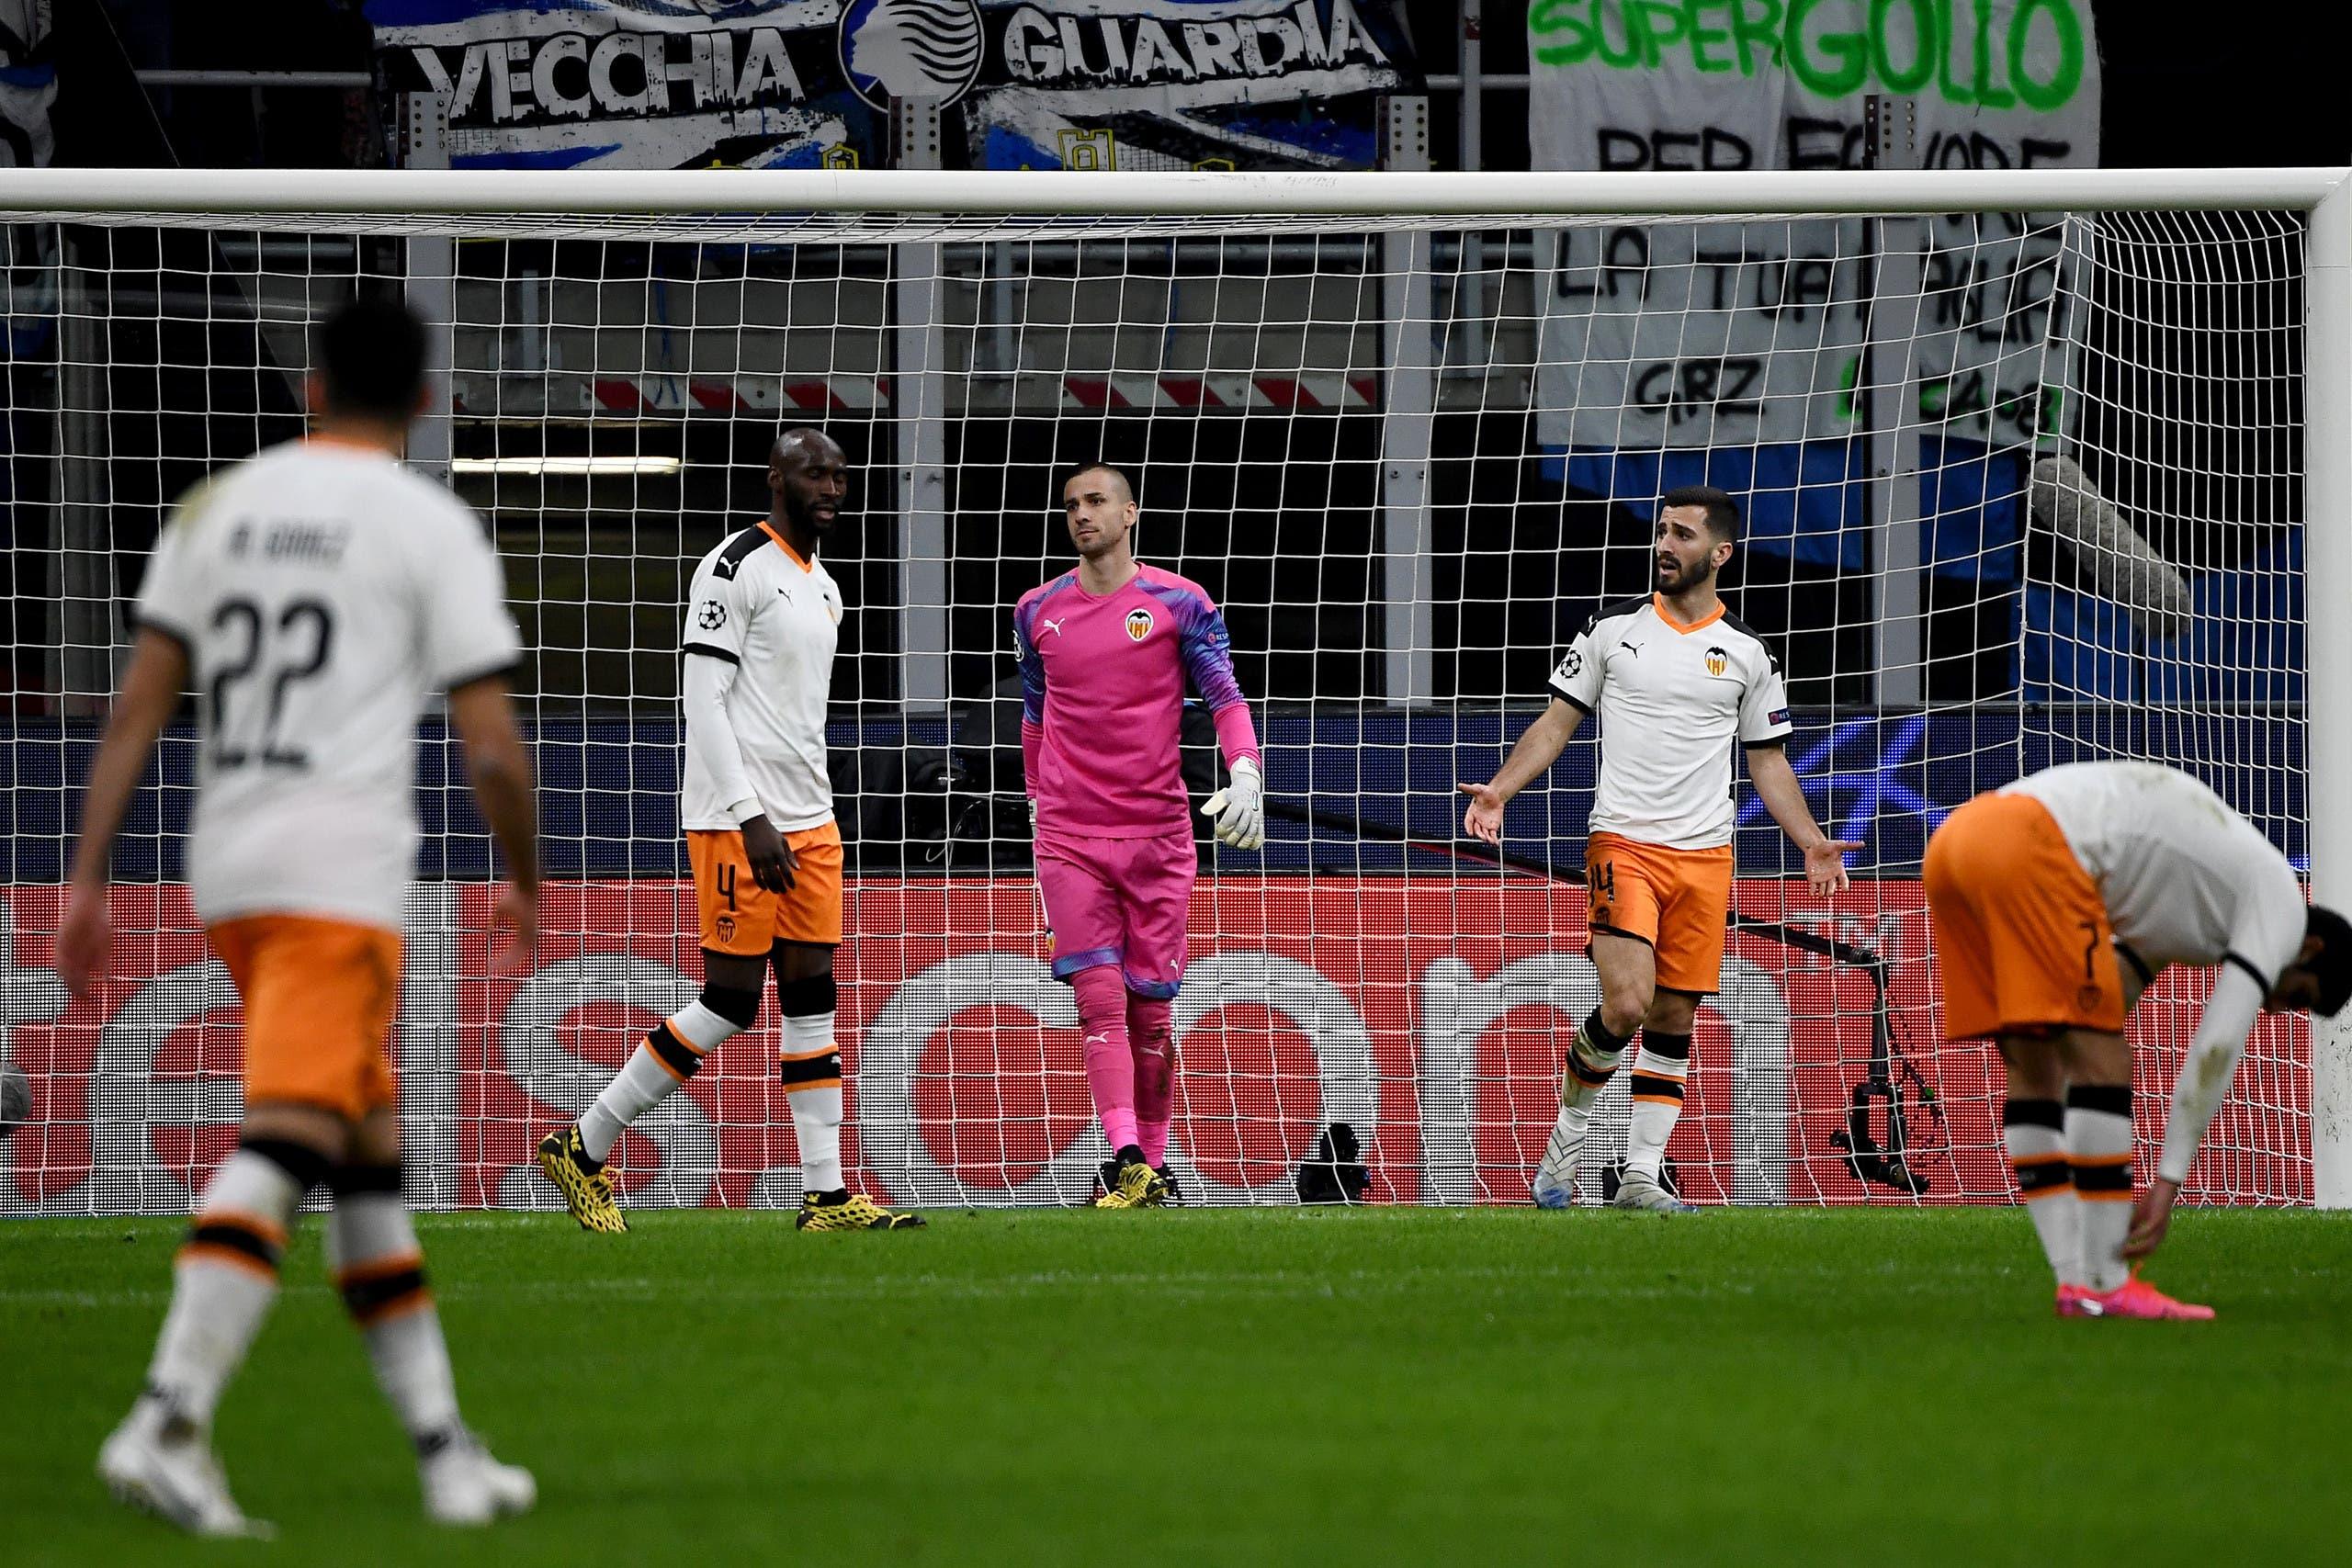 لاعبو فالنسيا الذين خسروا المباراة